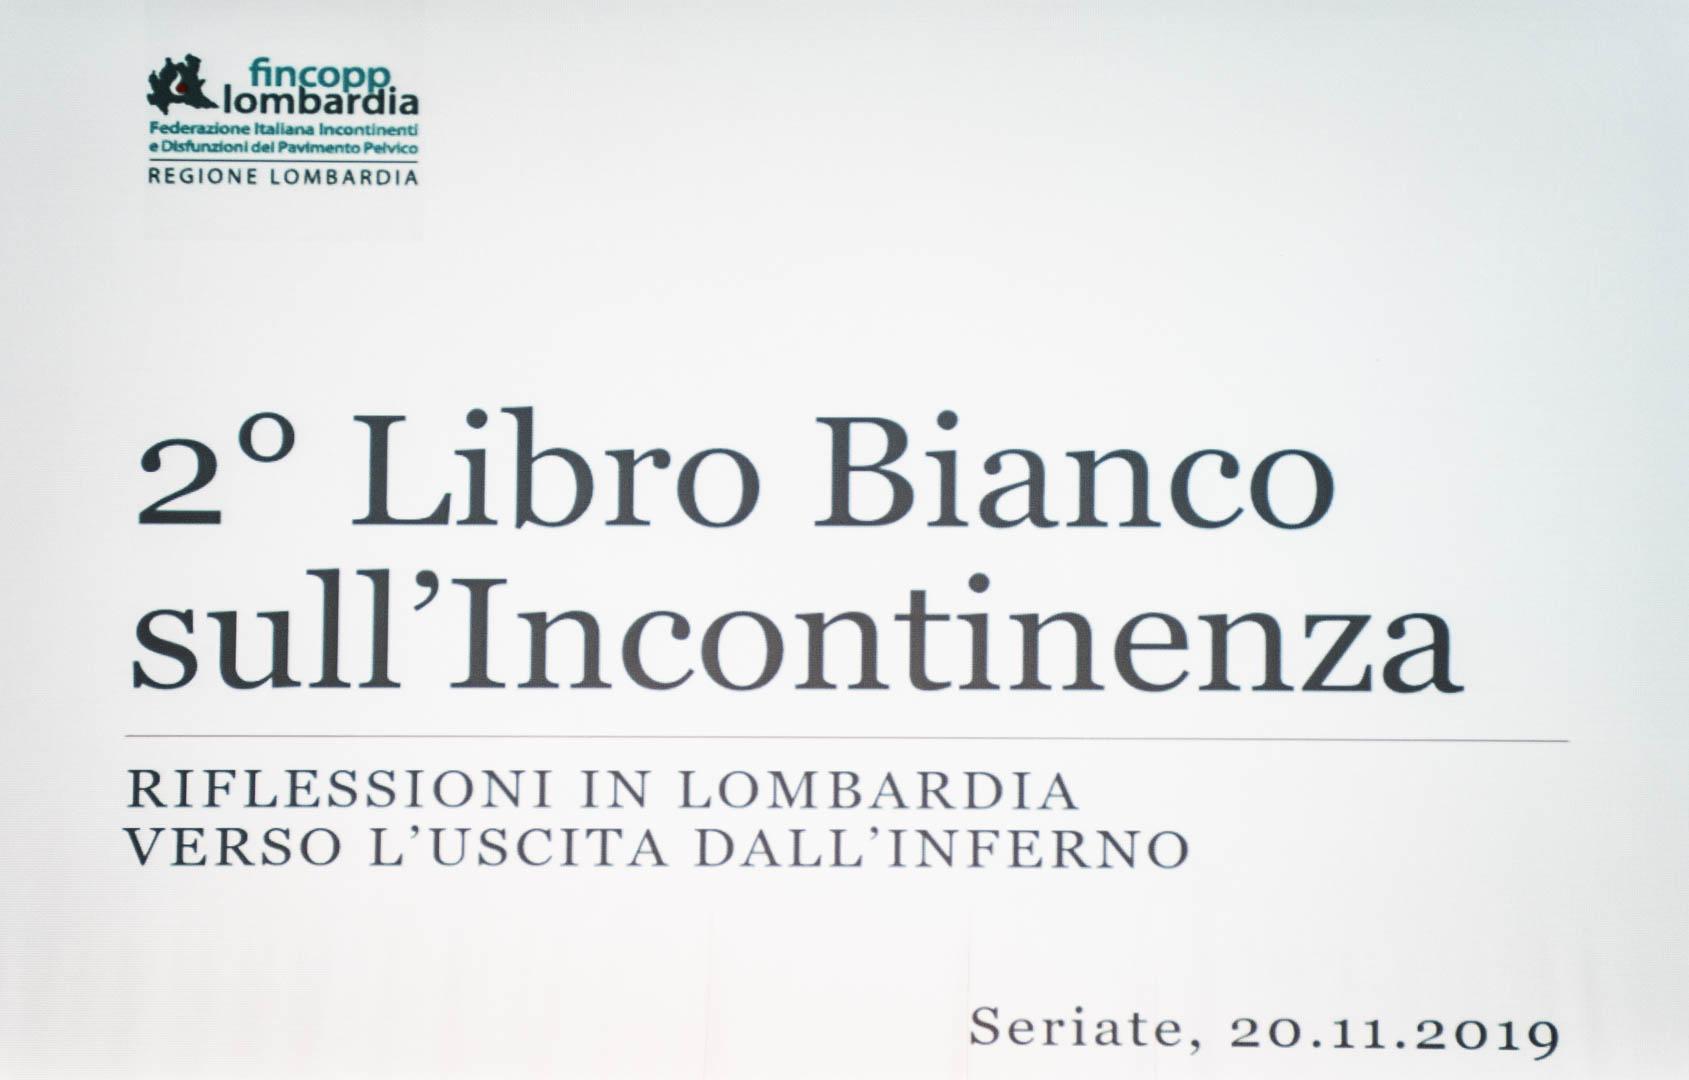 17 - IL 2° LIBRO BIANCO DELL'INCONTINENZA - Seriate, 20.11.2019